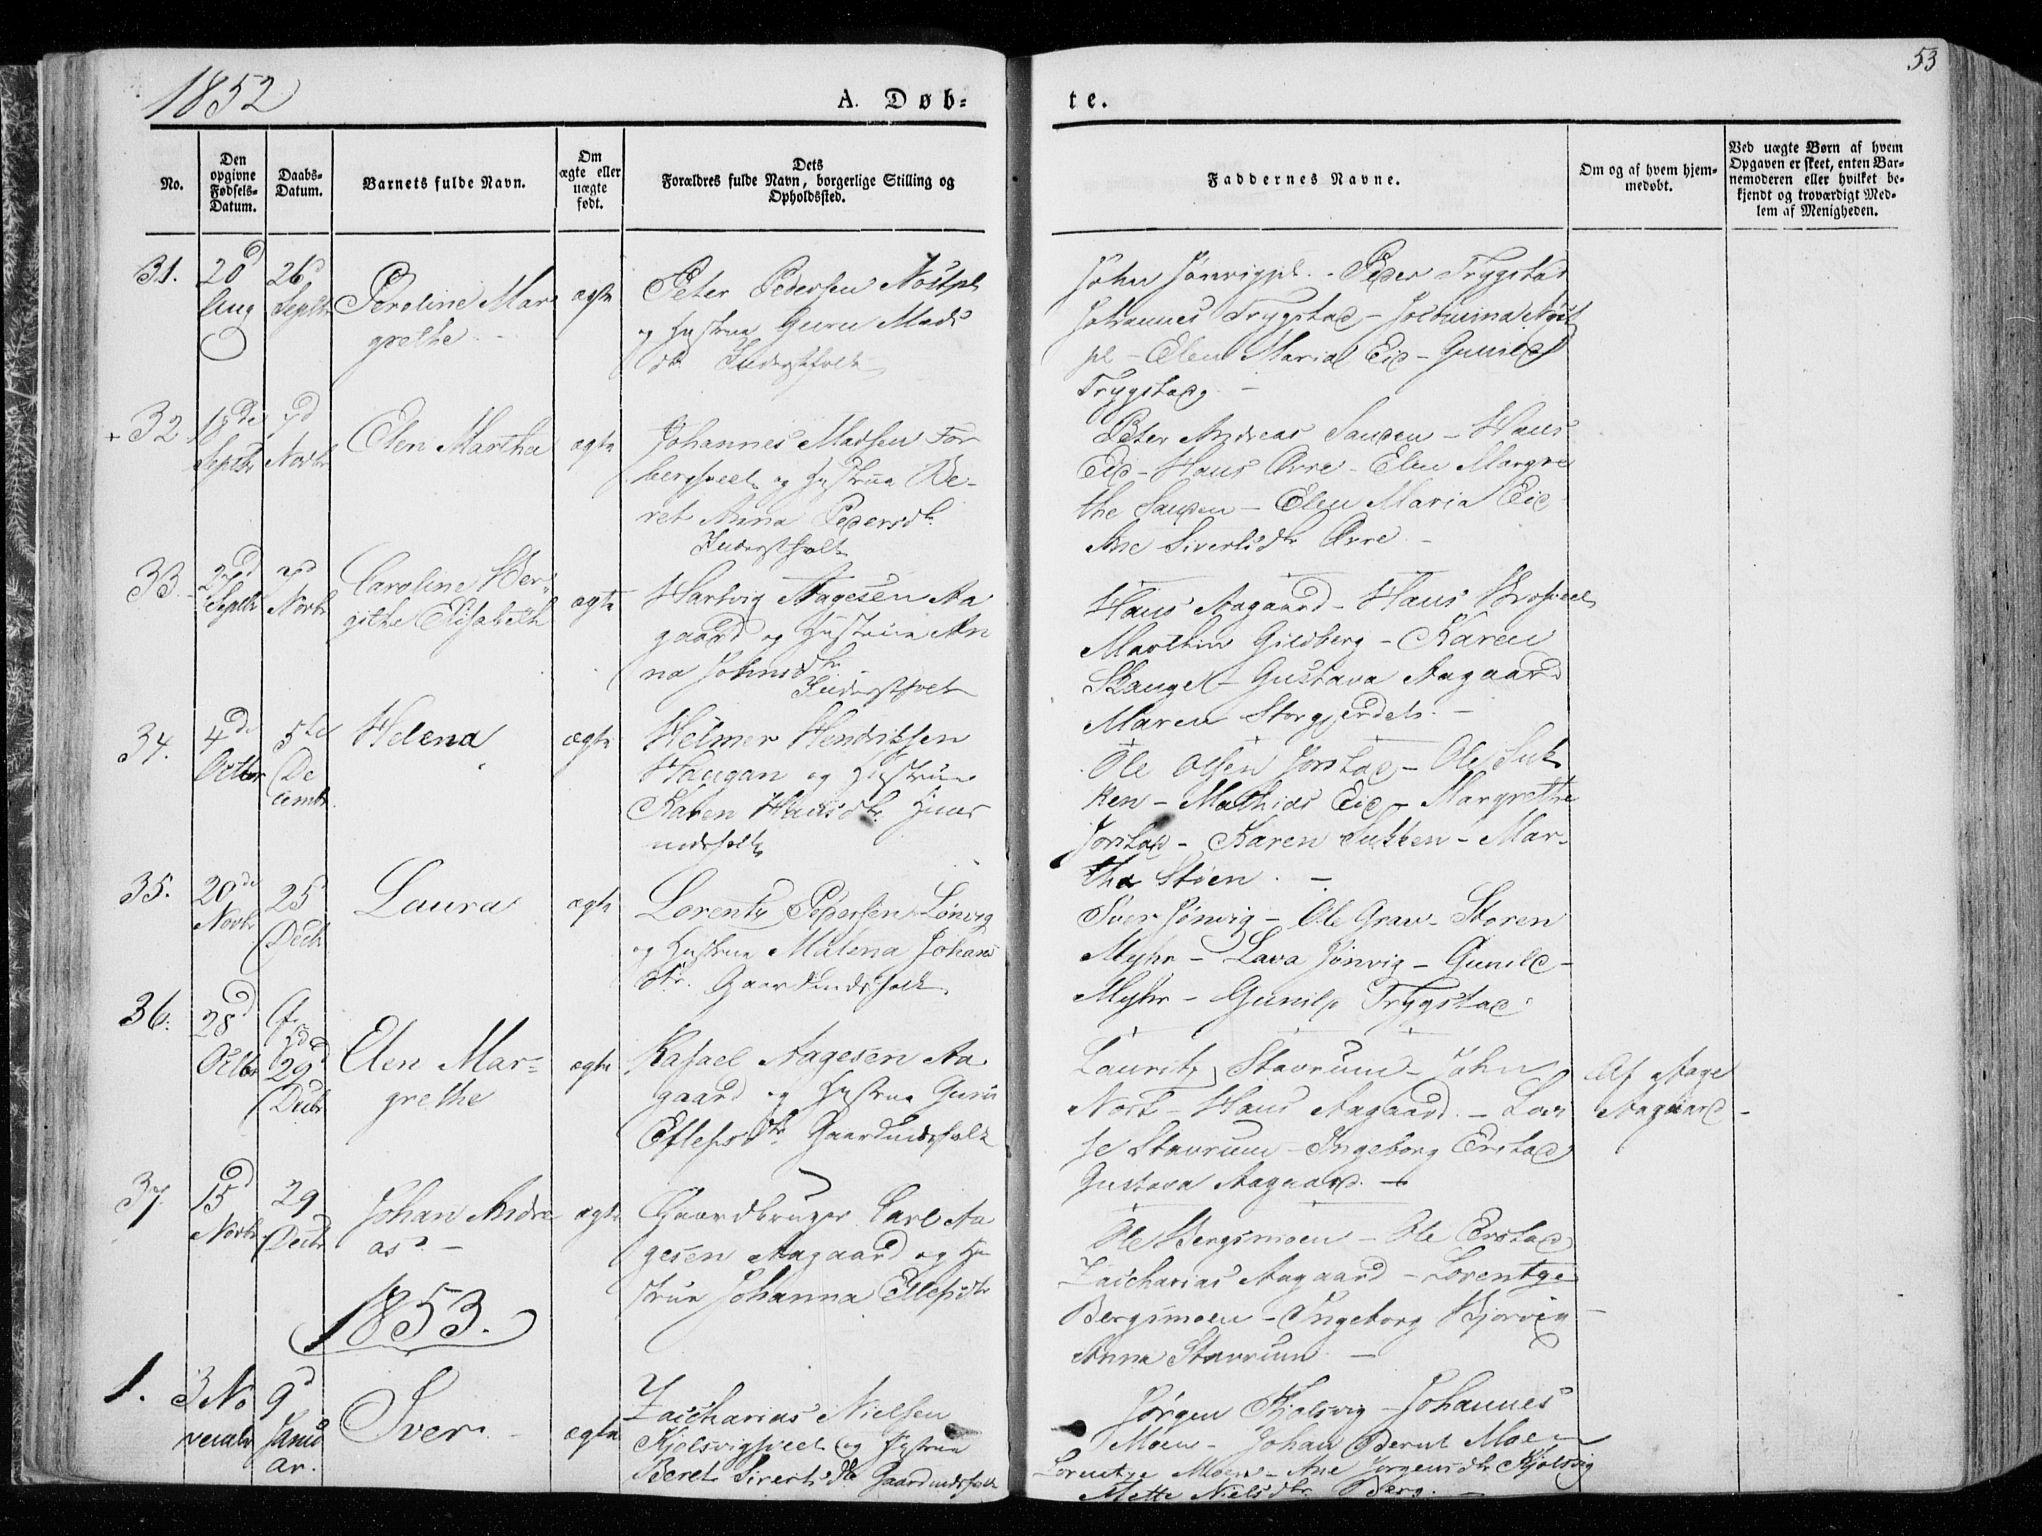 SAT, Ministerialprotokoller, klokkerbøker og fødselsregistre - Nord-Trøndelag, 722/L0218: Ministerialbok nr. 722A05, 1843-1868, s. 53